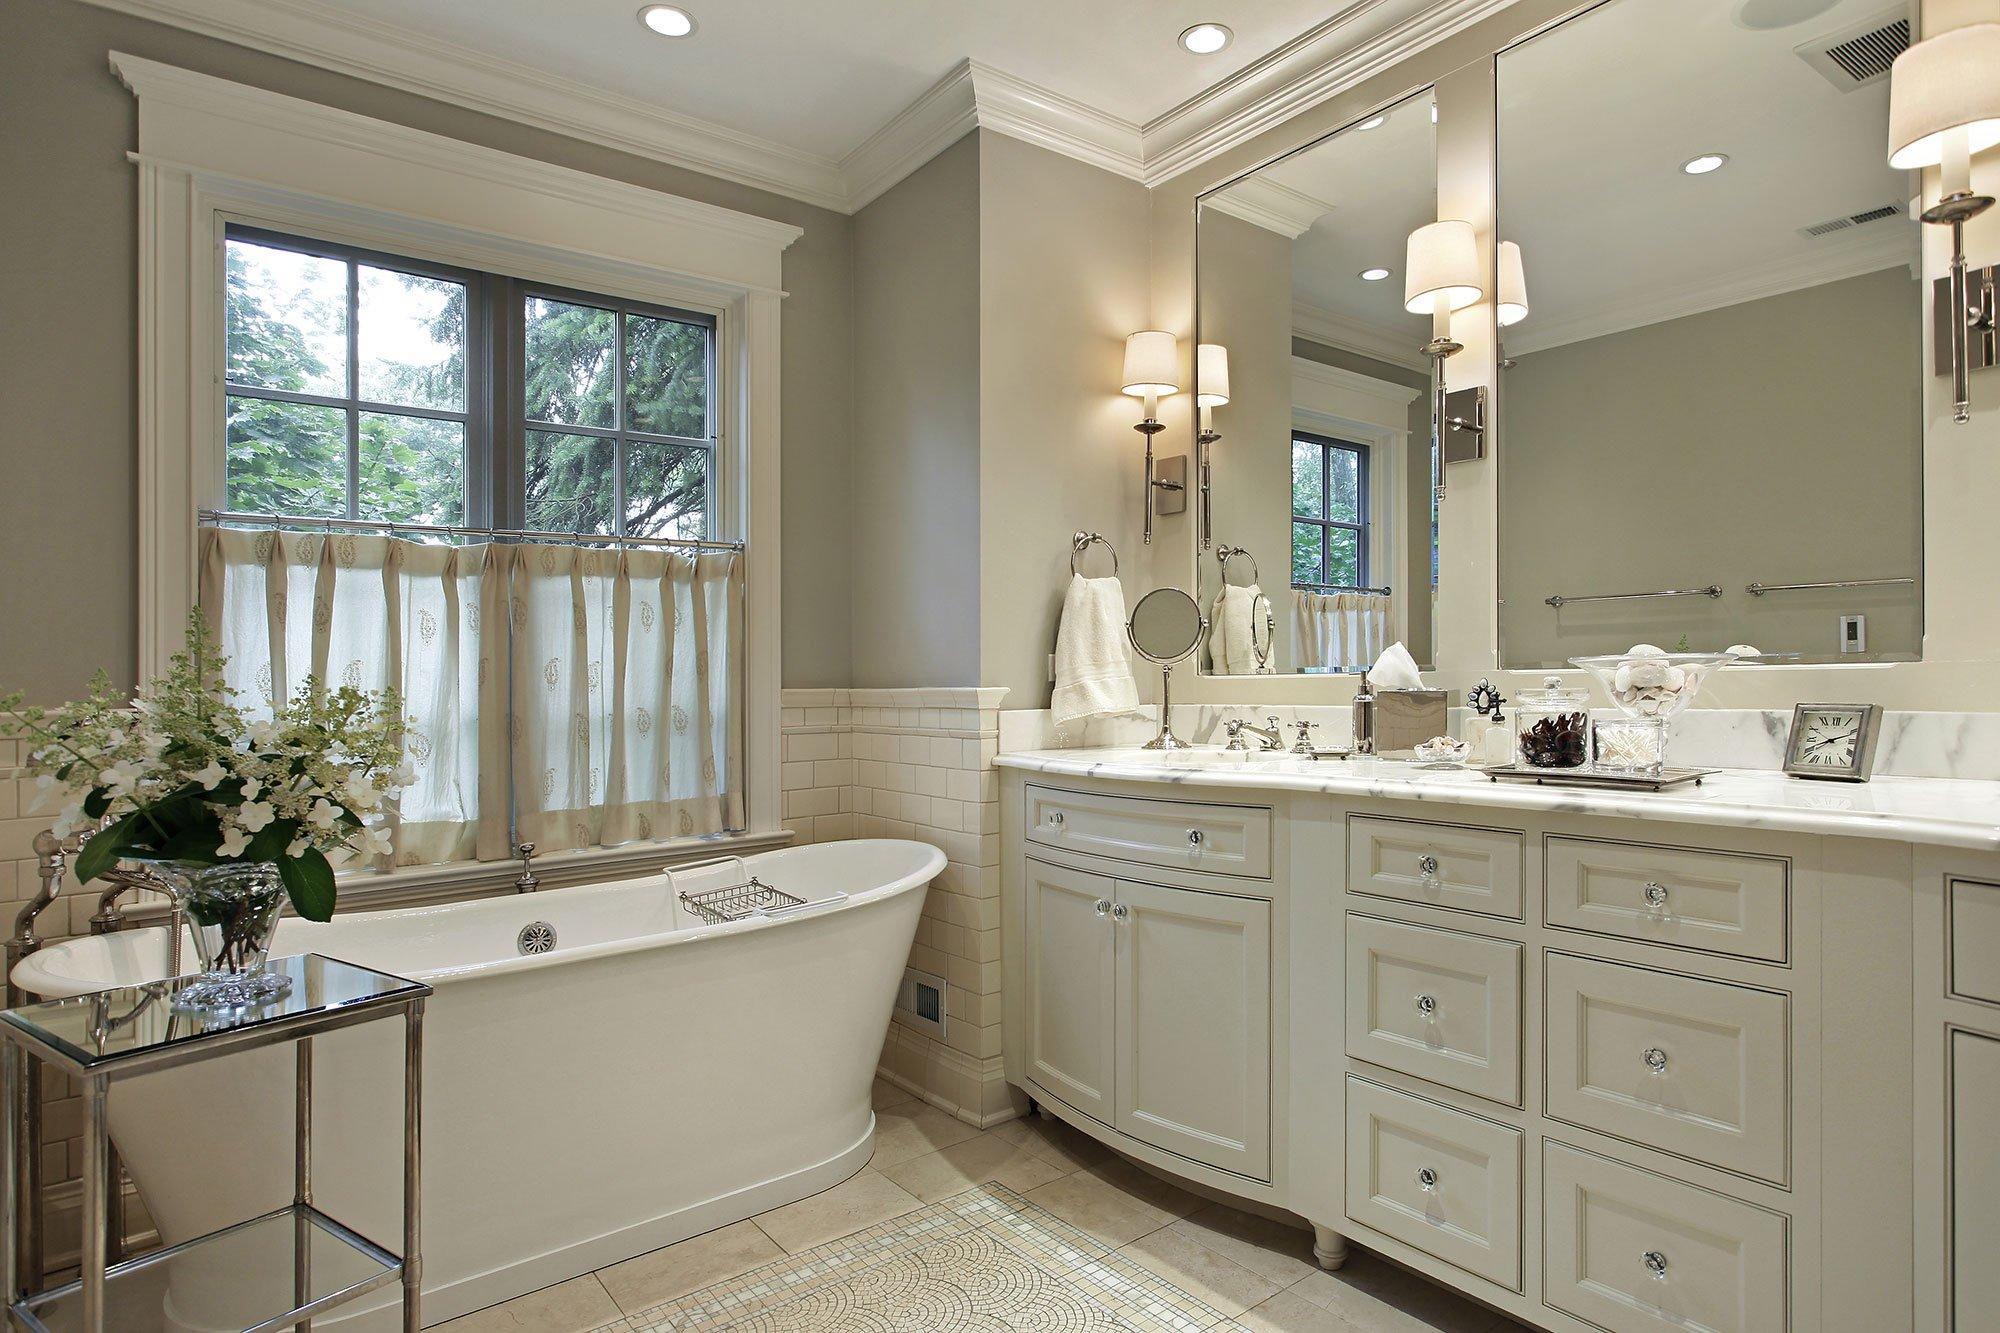 Bathroom Remodel Contractors Benton AR